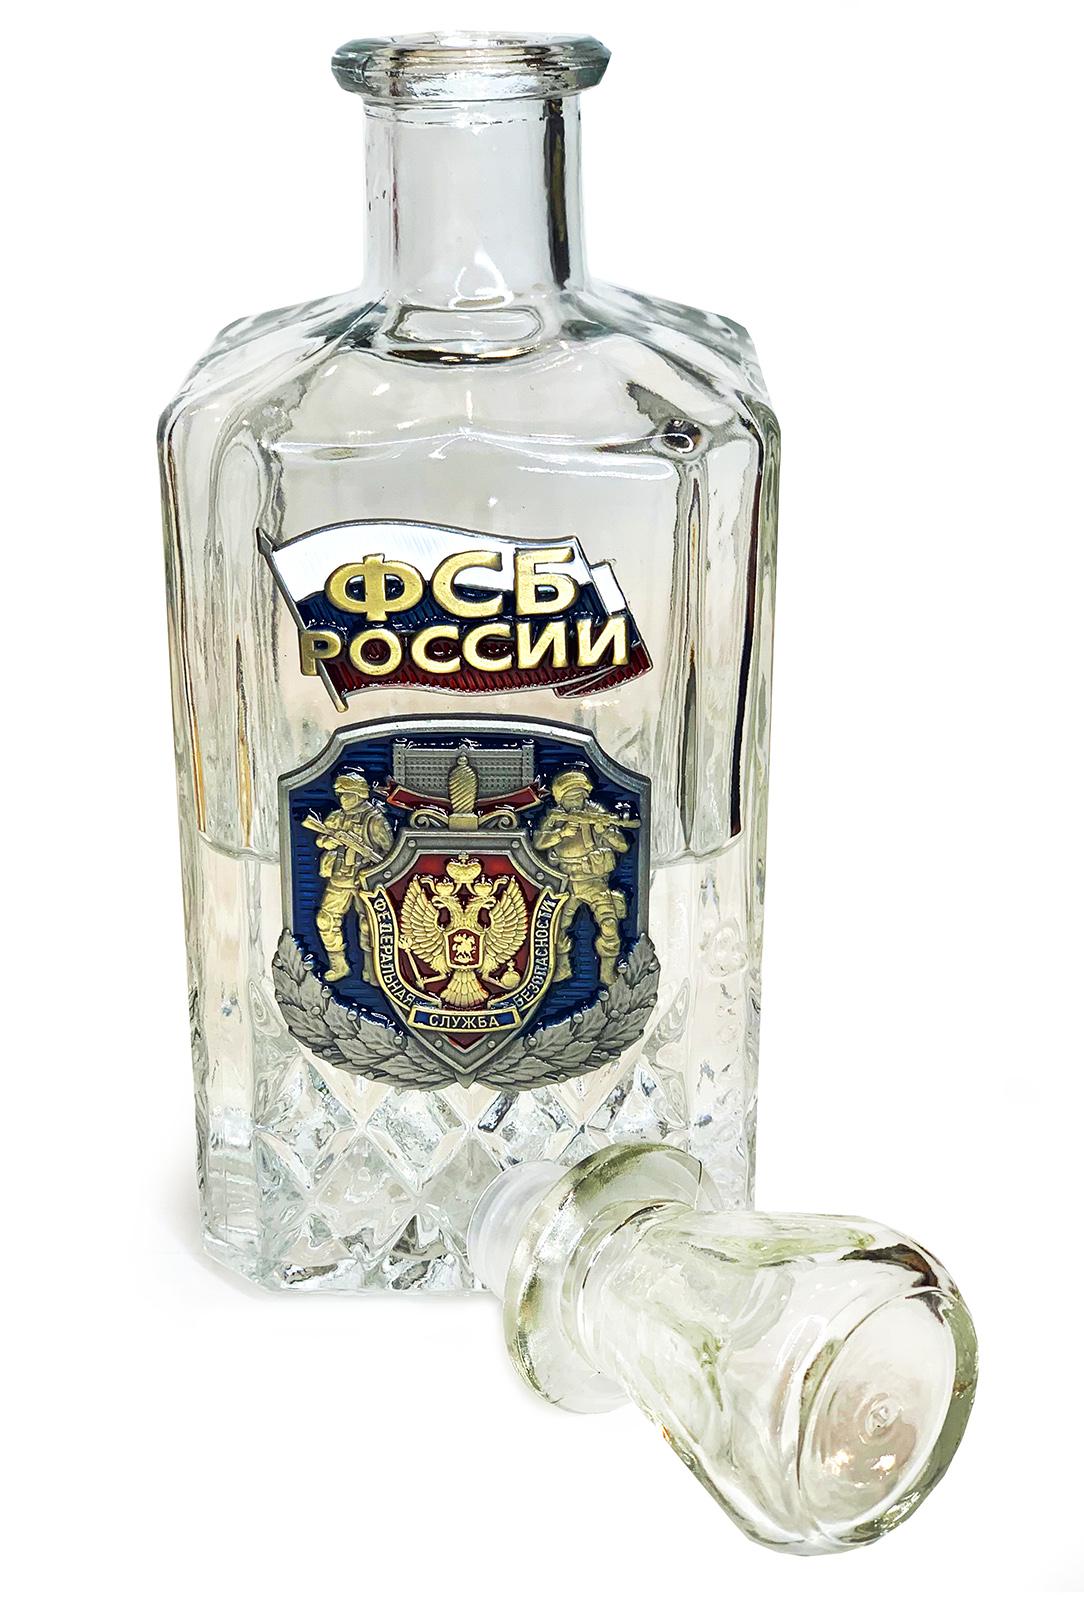 Презентабельный набор ФСБ России графин и стопки